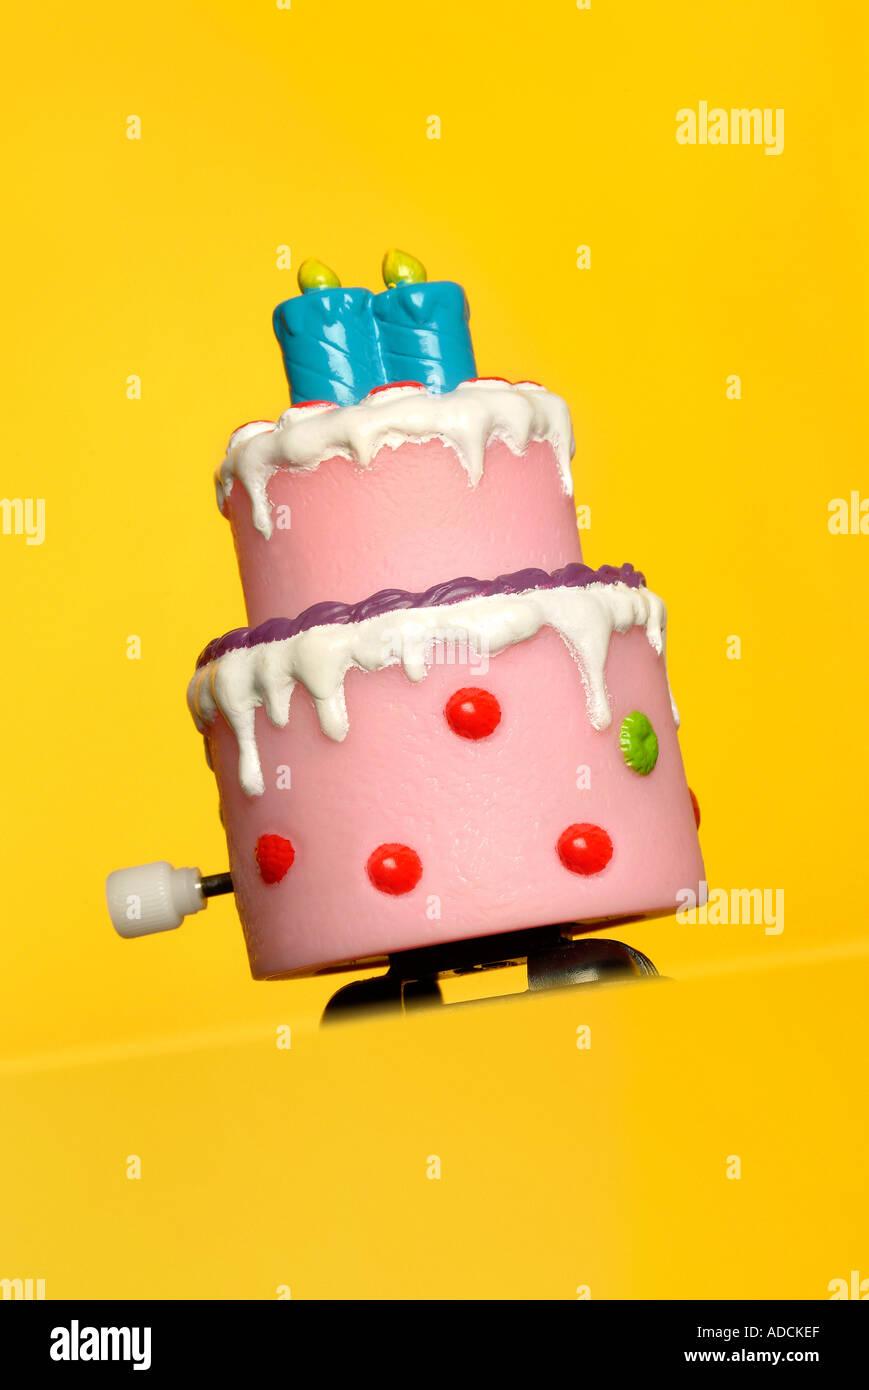 Gâteau d'anniversaire Geburtstagskuchen Photo Stock